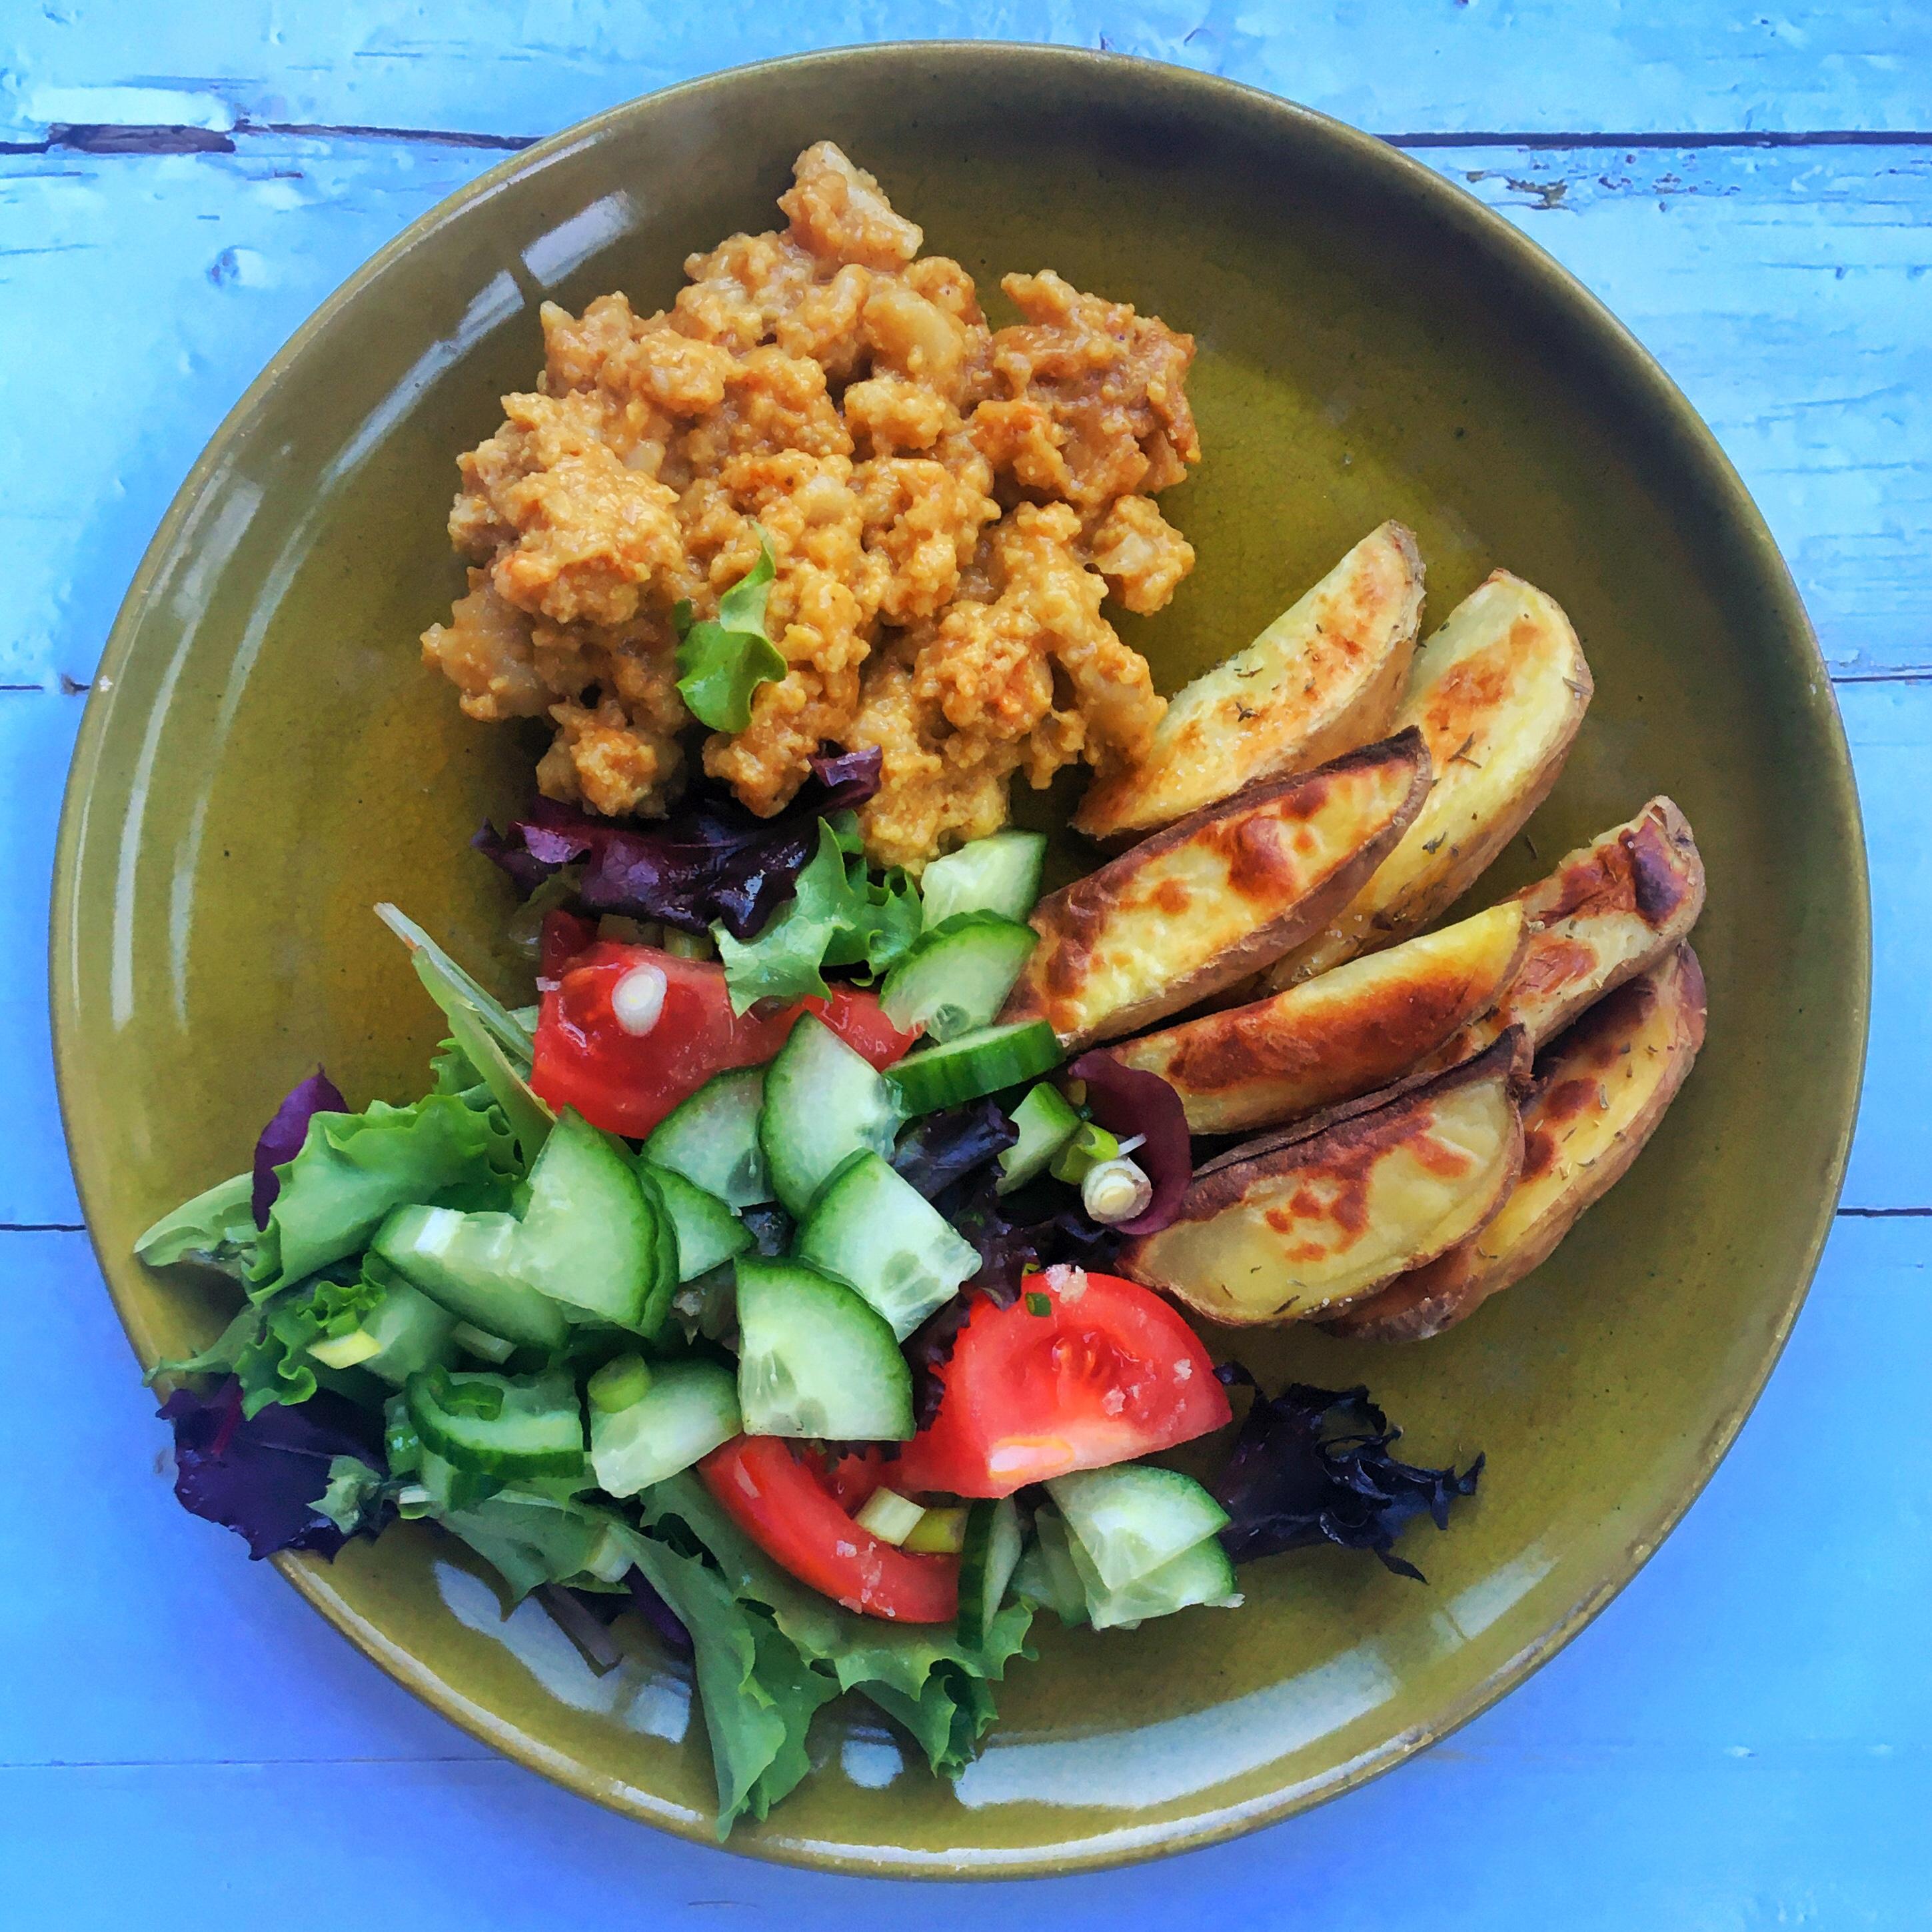 Zelfgemaakte seitan, gebakken aardappelen en een frisse salade